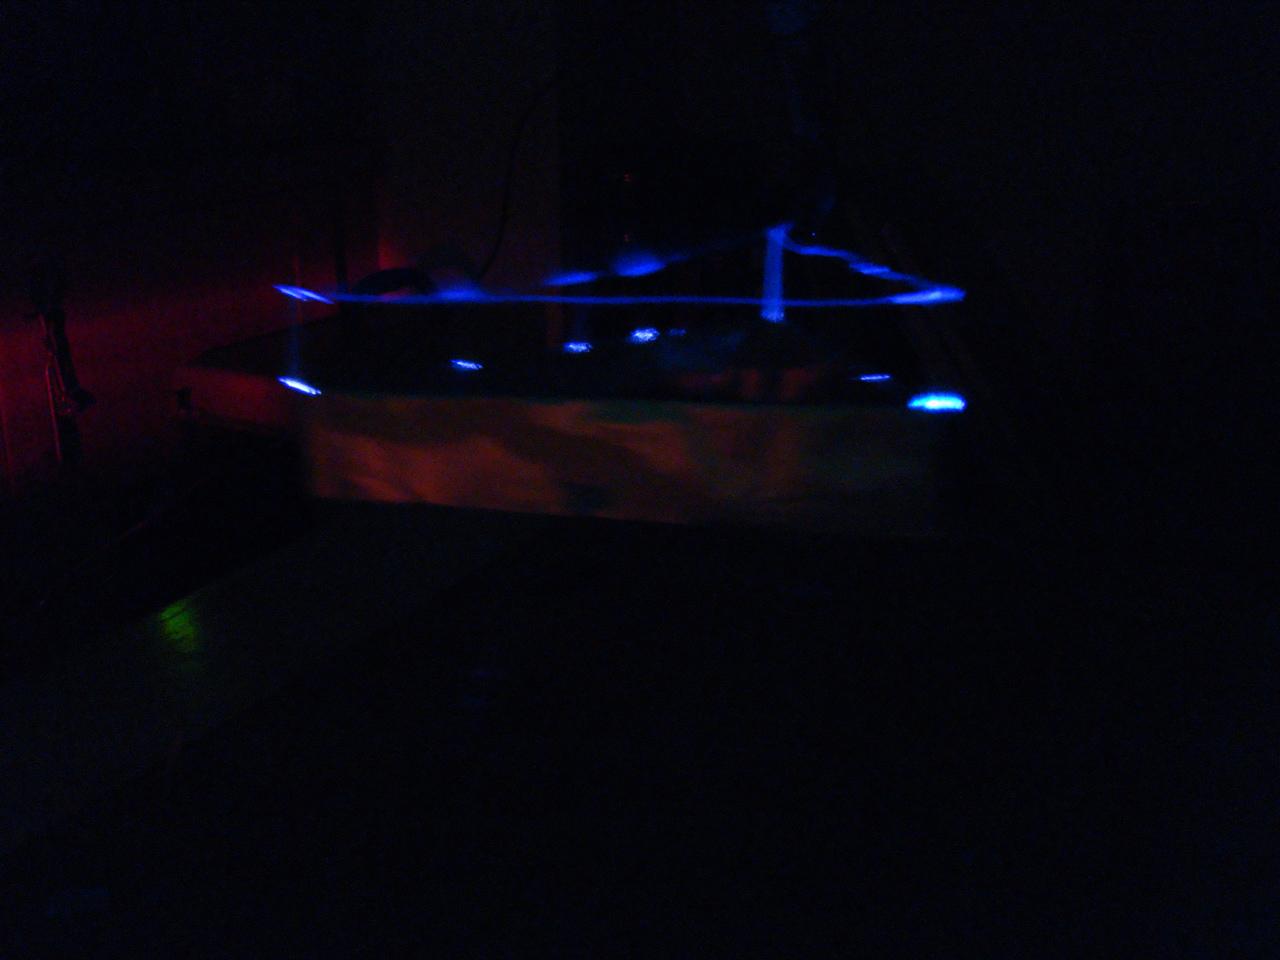 Le plasma autours des électrodes du lifter